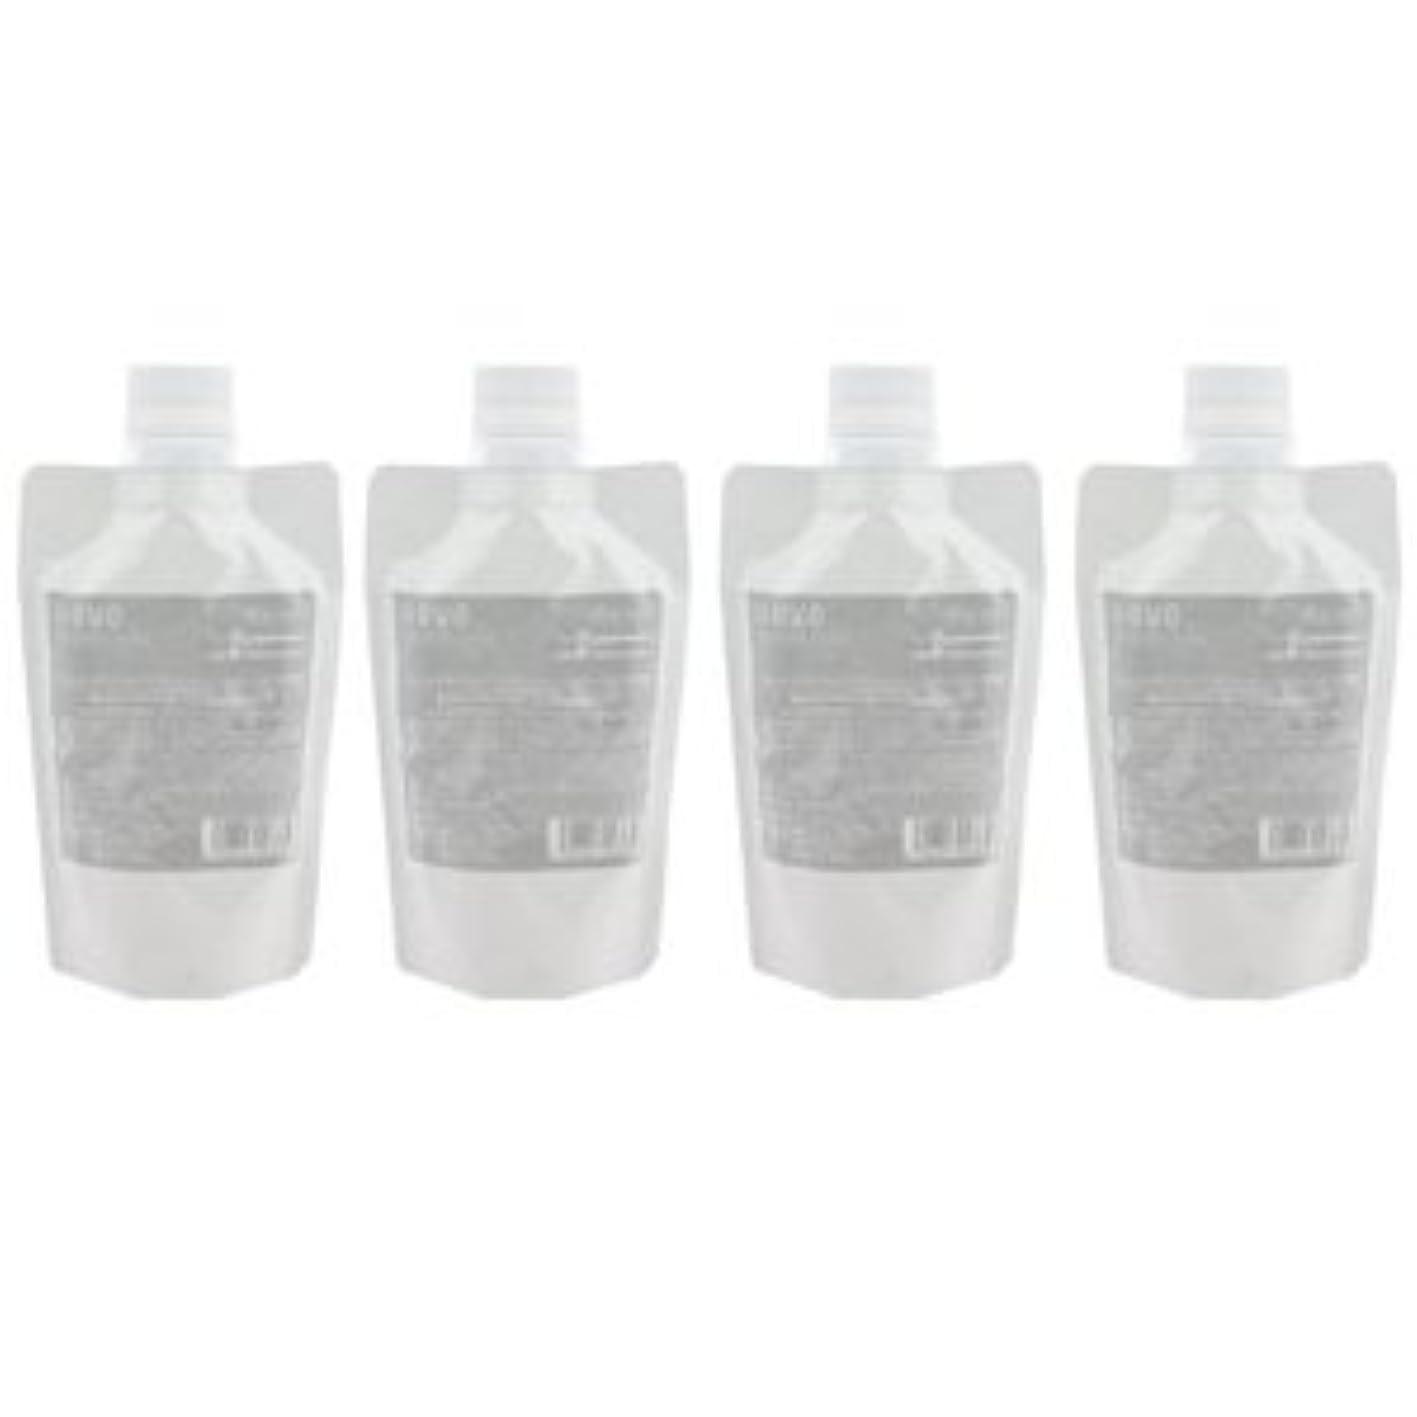 コンクリート保護発生【X4個セット】 デミ ウェーボ デザインキューブ ドライワックス 200g 業務用 dry wax